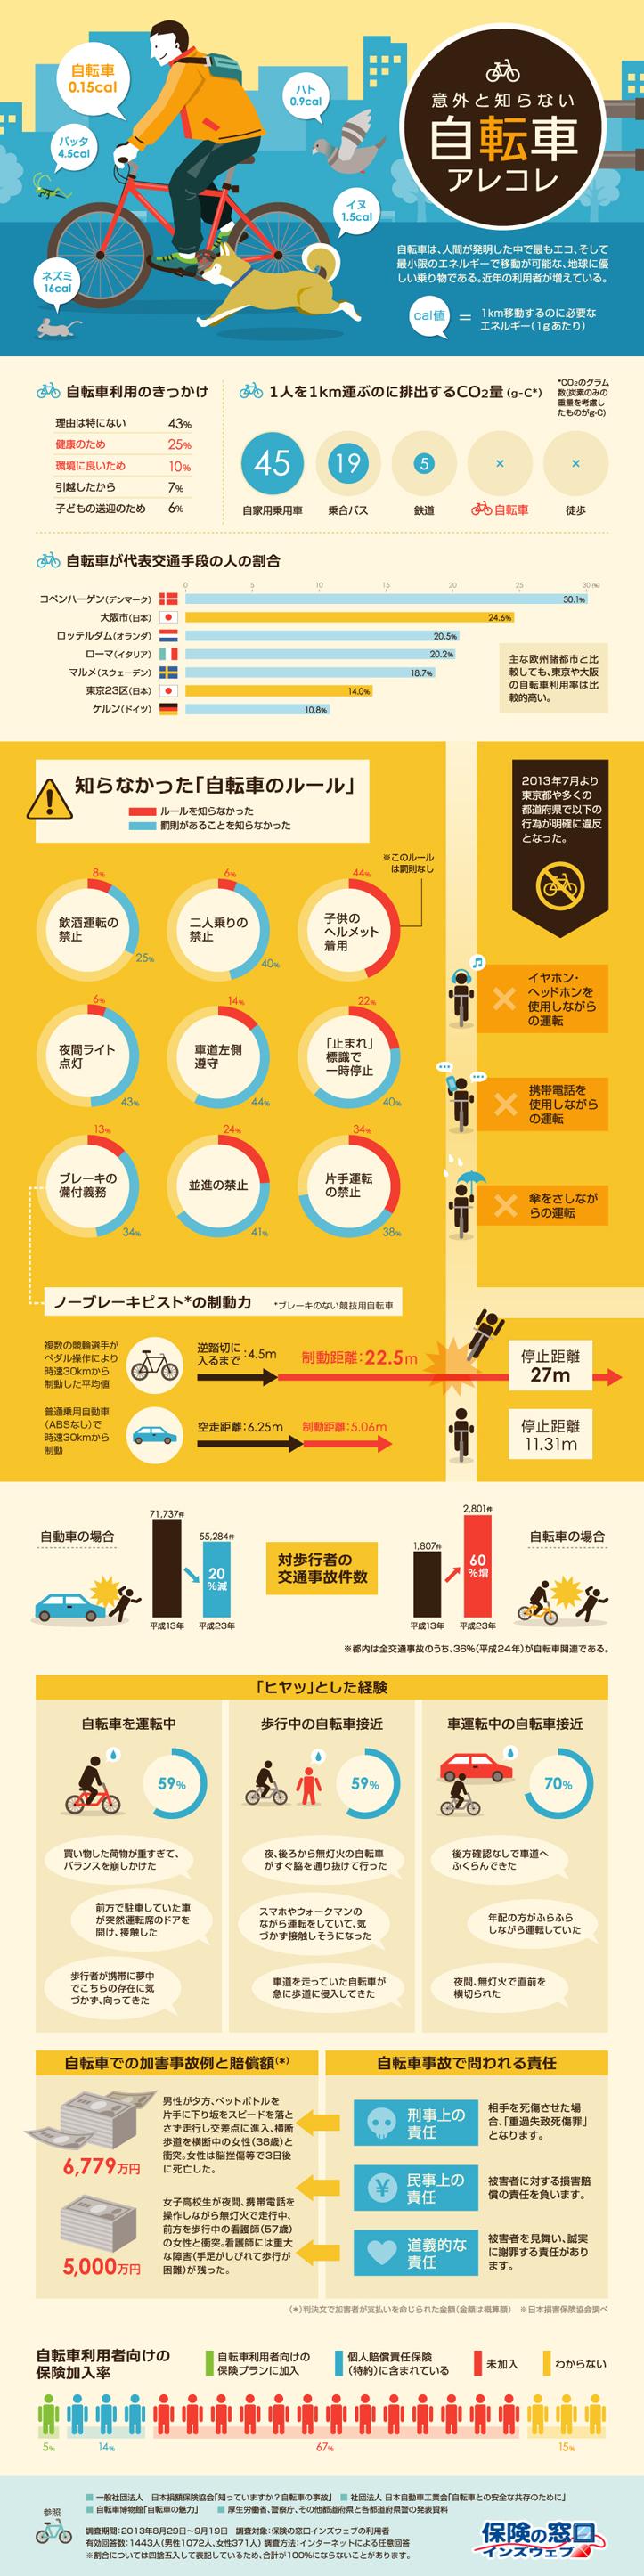 インフォグラフィック:自転車ルール守るべき9つ。あなたはいくつ知ってますか?